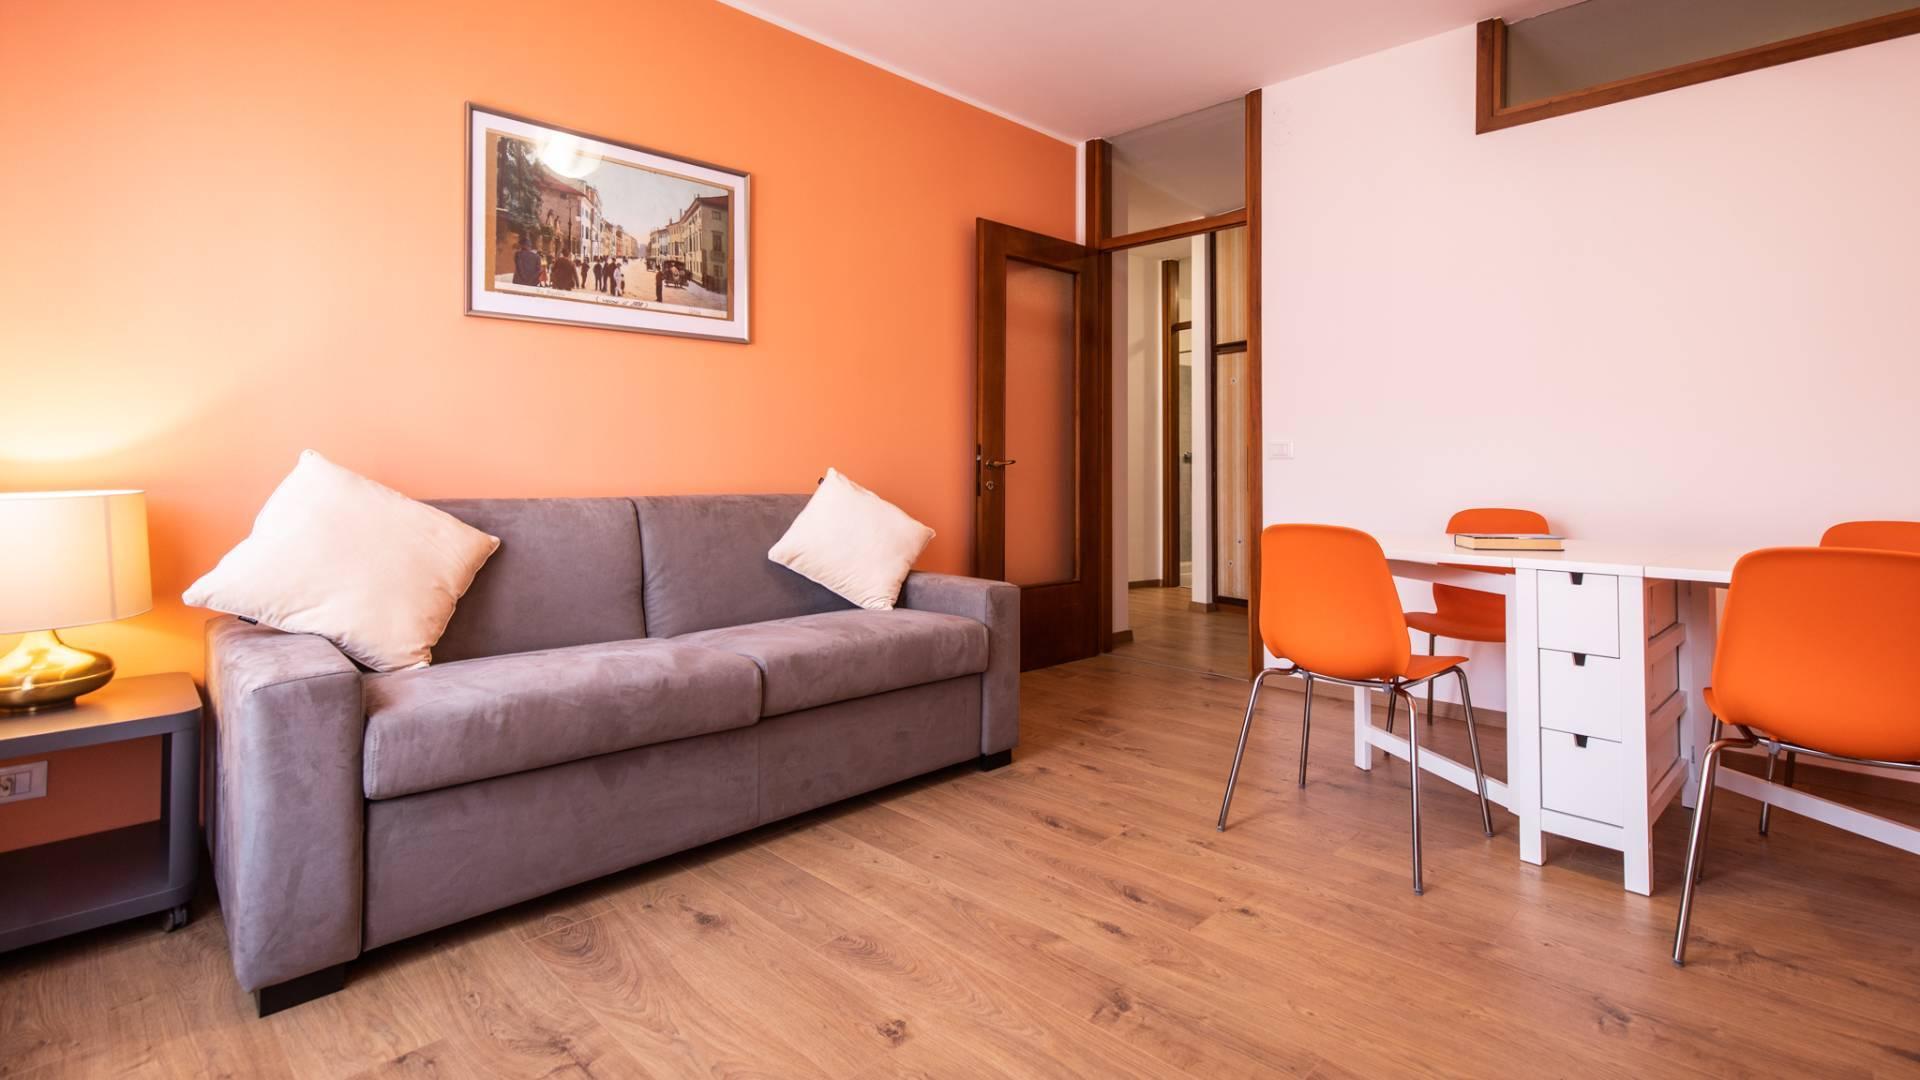 Appartamento in affitto a Udine, 4 locali, zona Località: Centrostorico, Trattative riservate   CambioCasa.it